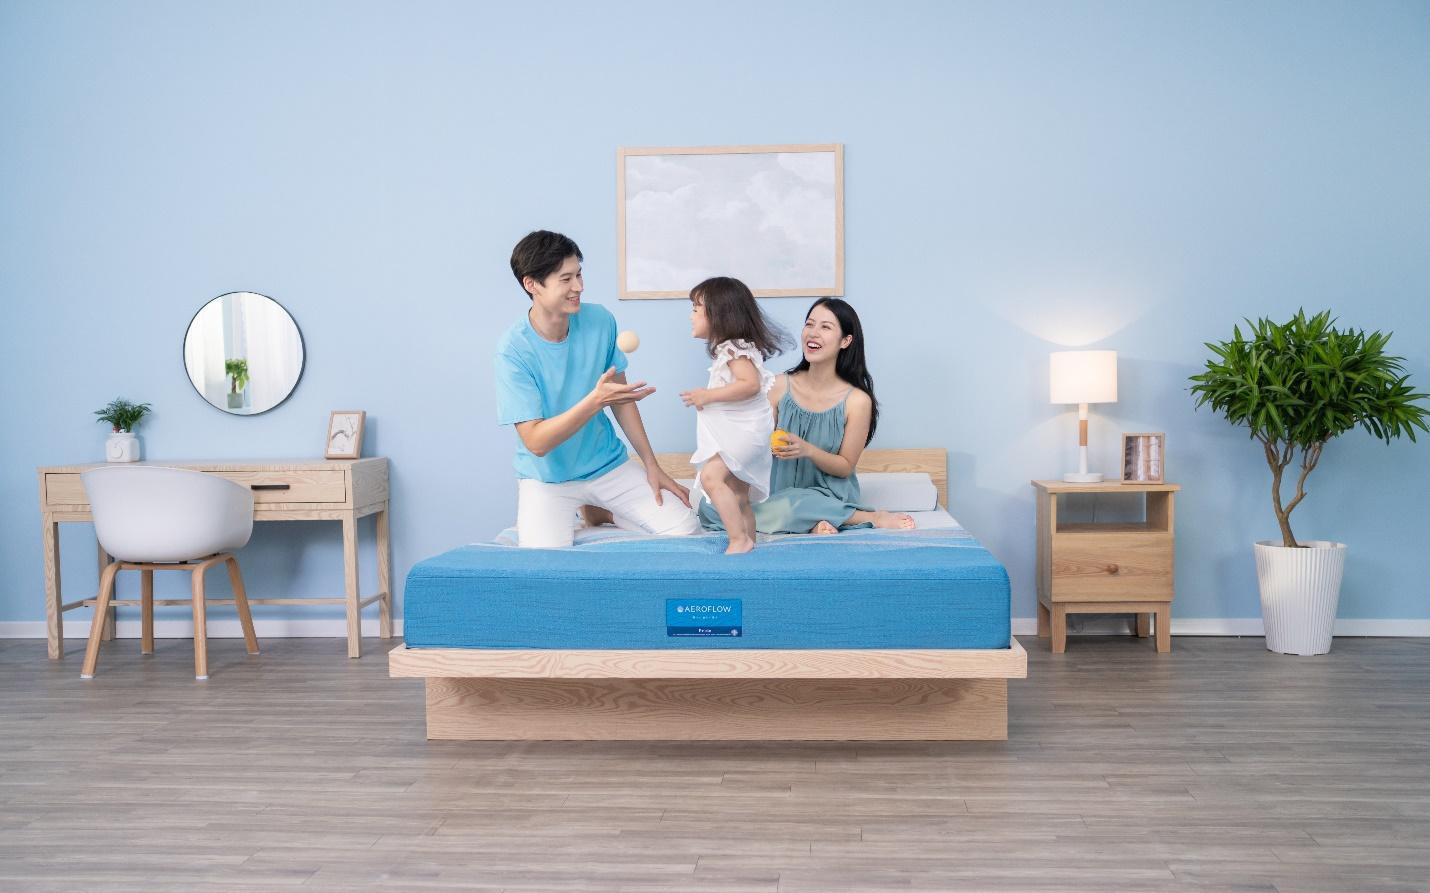 Aeroflow Pride - Ứng dụng công nghệ cho giấc ngủ trọn vẹn